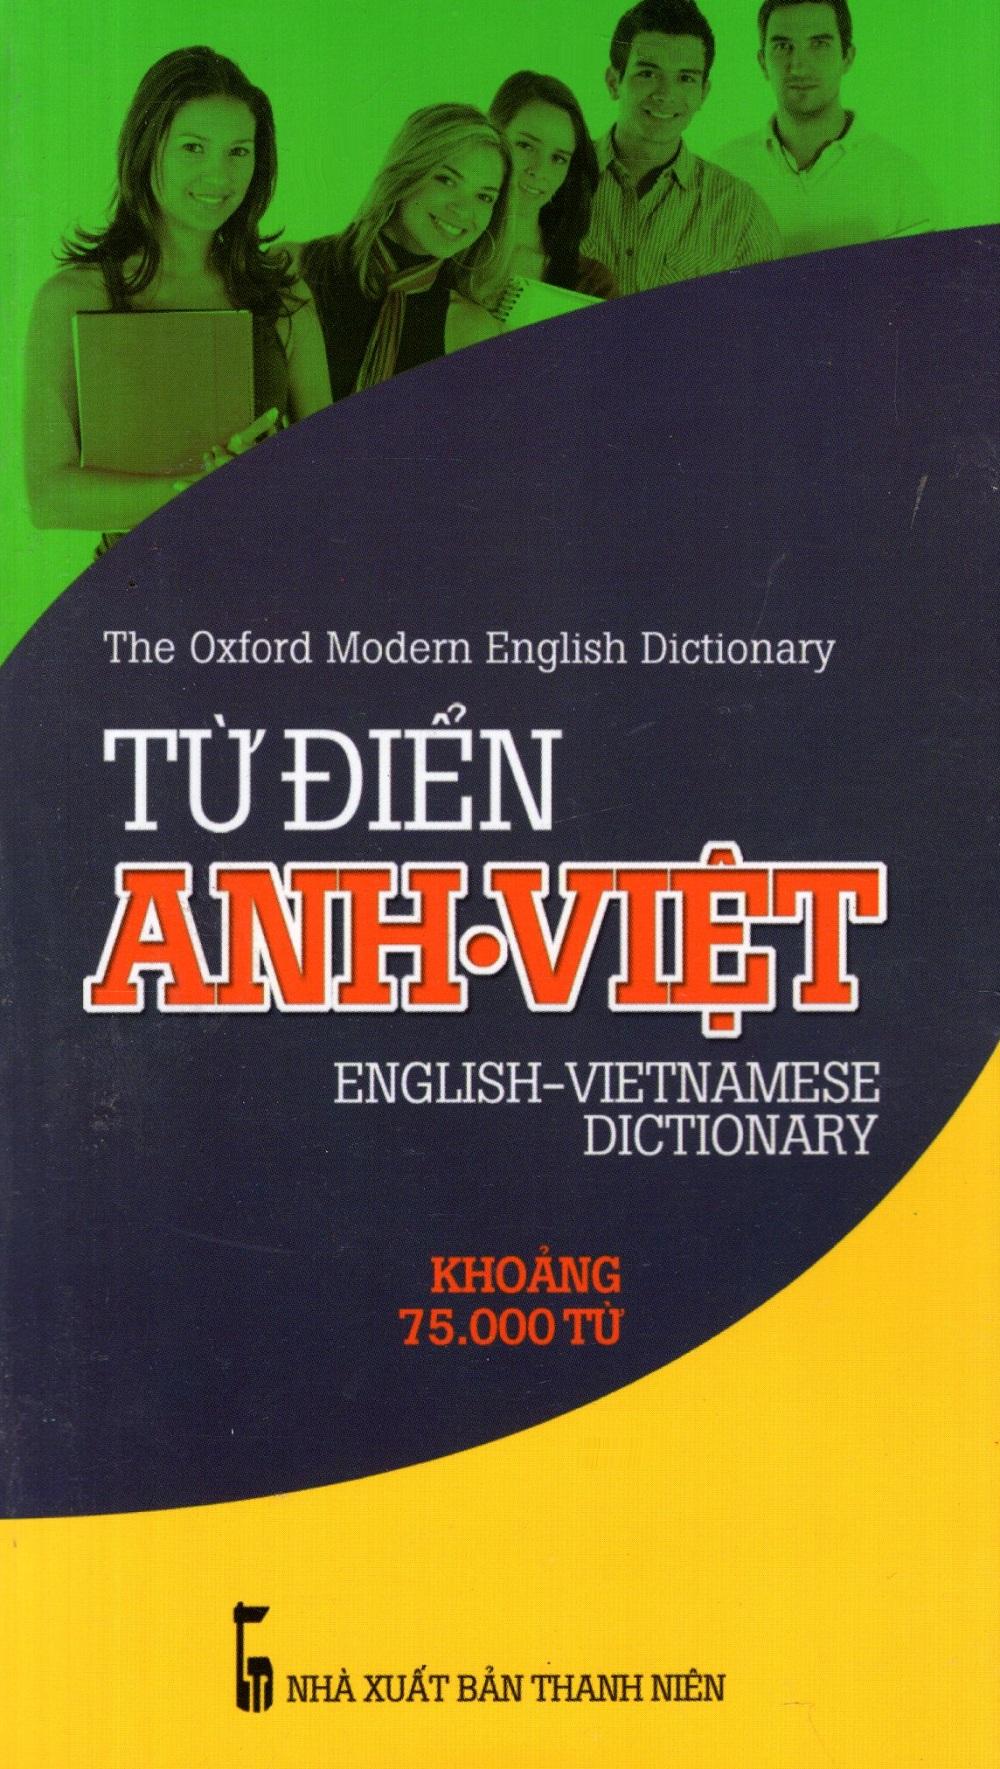 Bìa sách Từ Điển Anh - Việt (Khoảng 75.000 Từ) - Sách Bỏ Túi